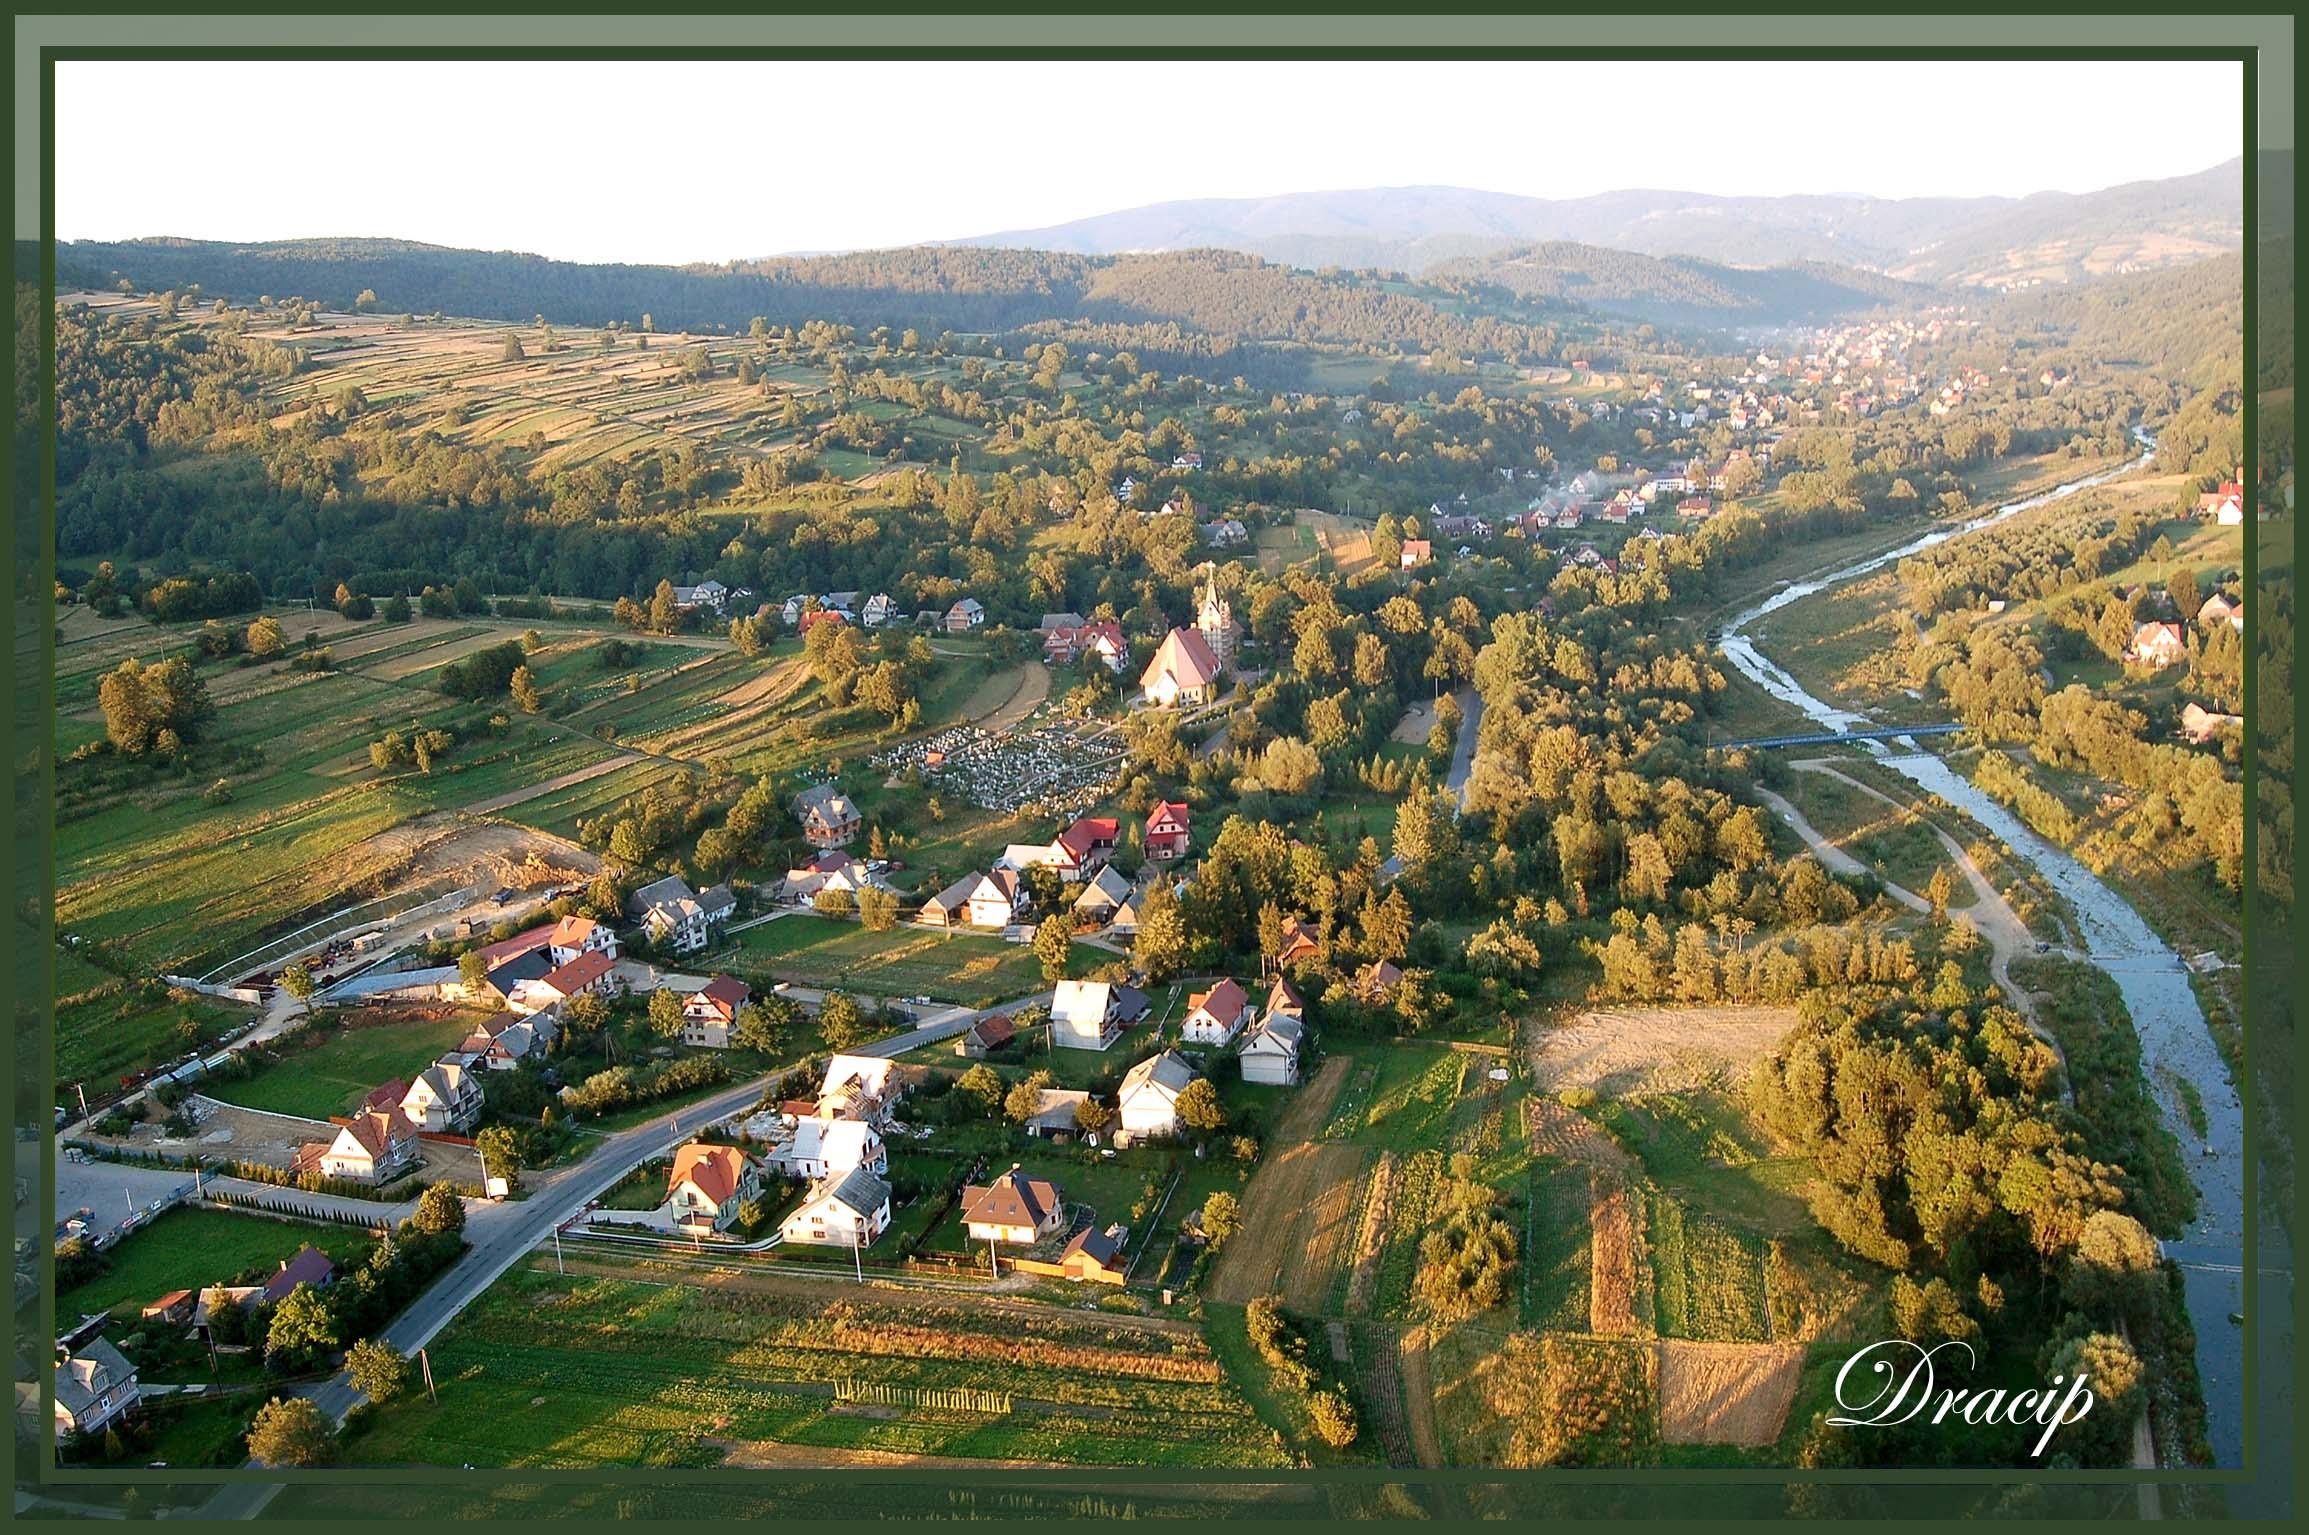 Vue du ciel.Village de Pologne.Reproduction interdite